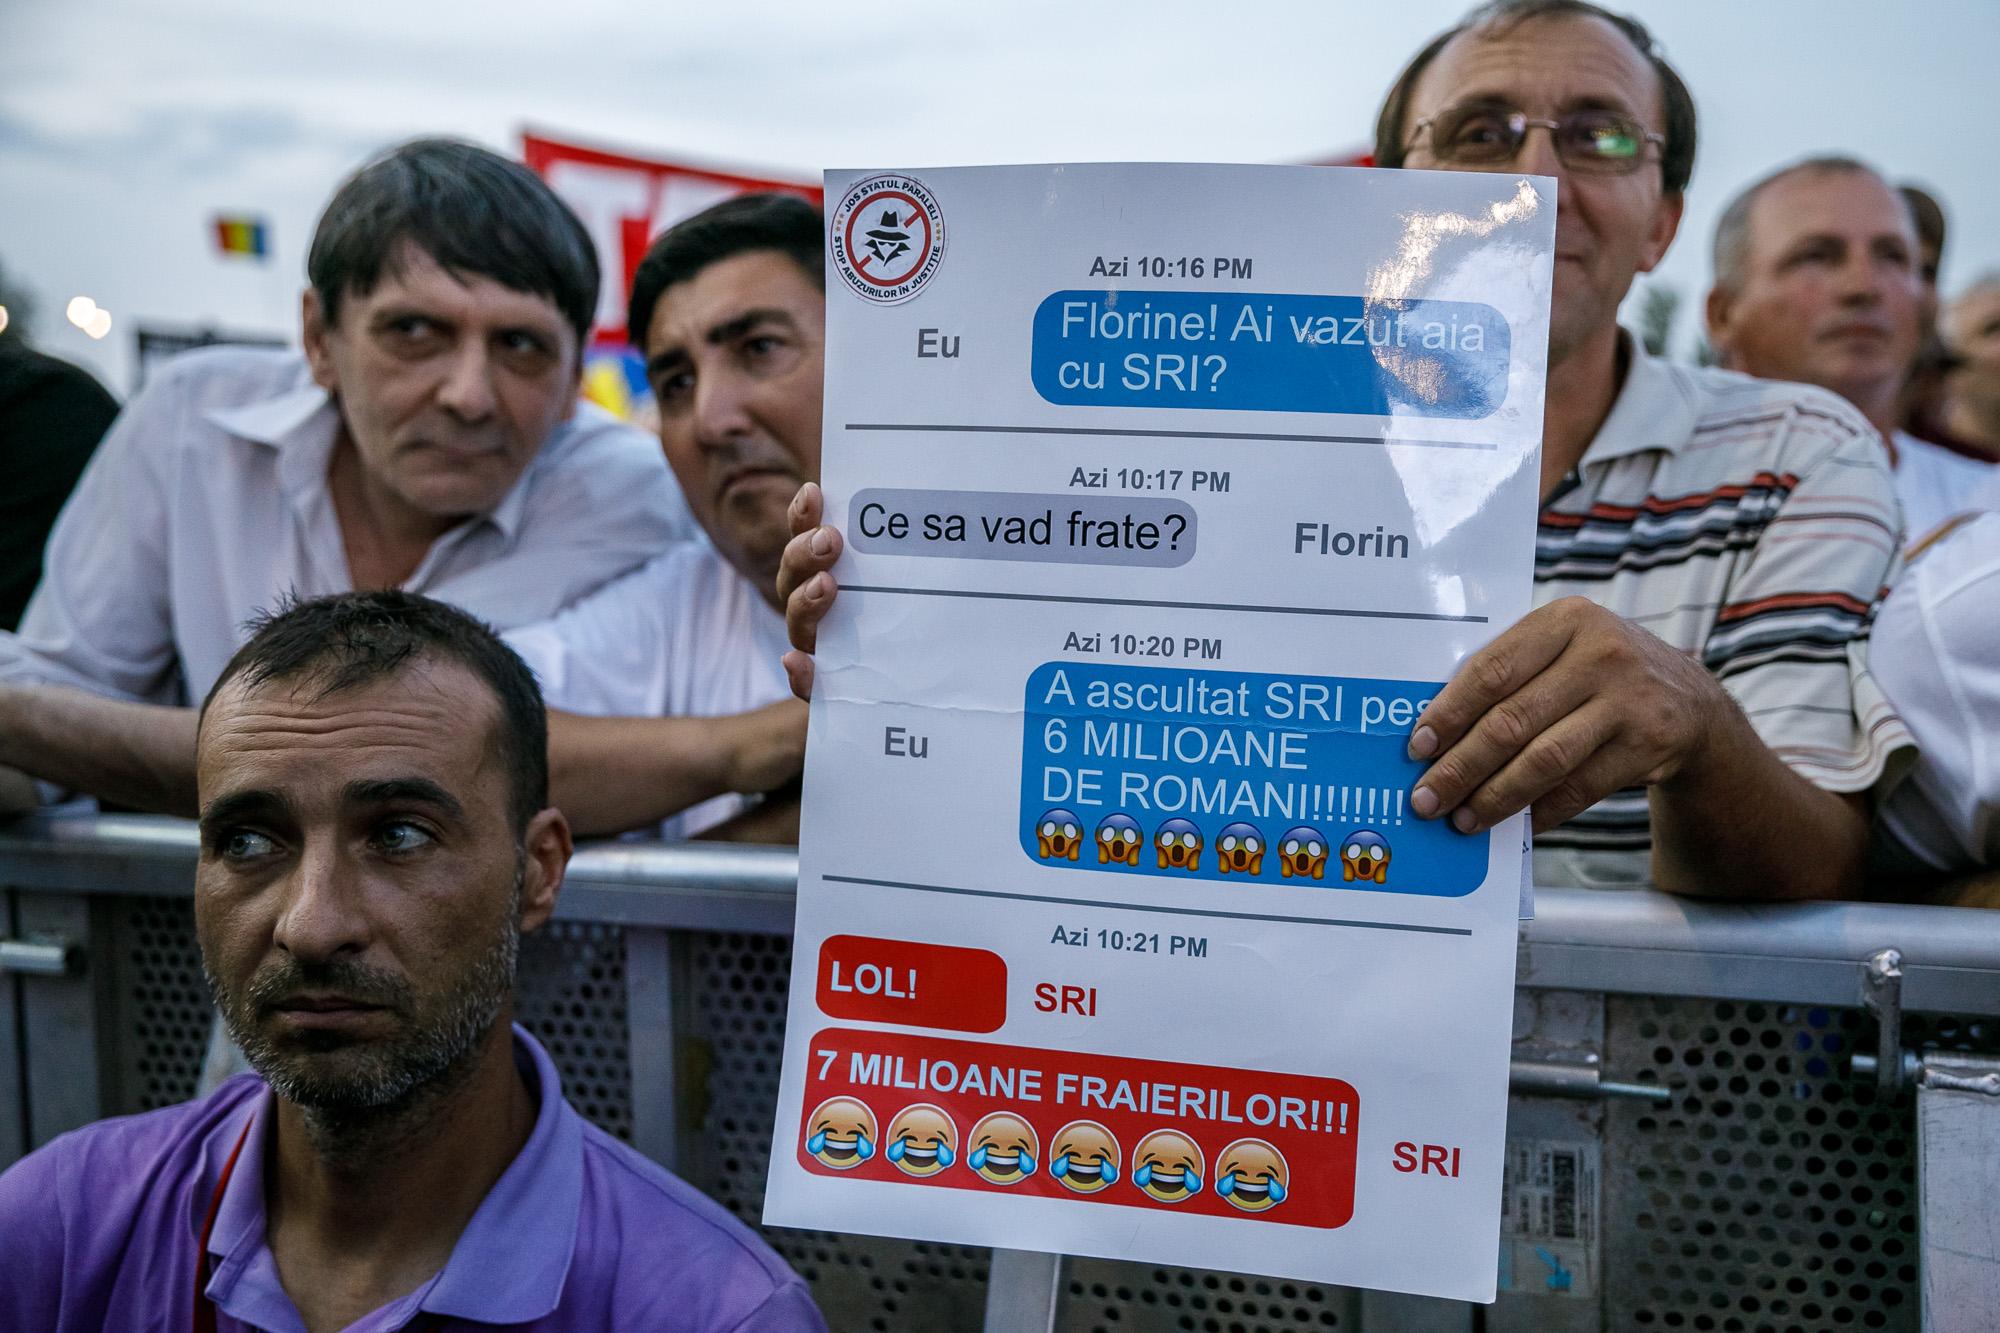 Dragnea - Cine va pierde de pe urma mitingului PSD-ALDE - Pagina 2 1528636109546-miting-psd-9-iunie-156